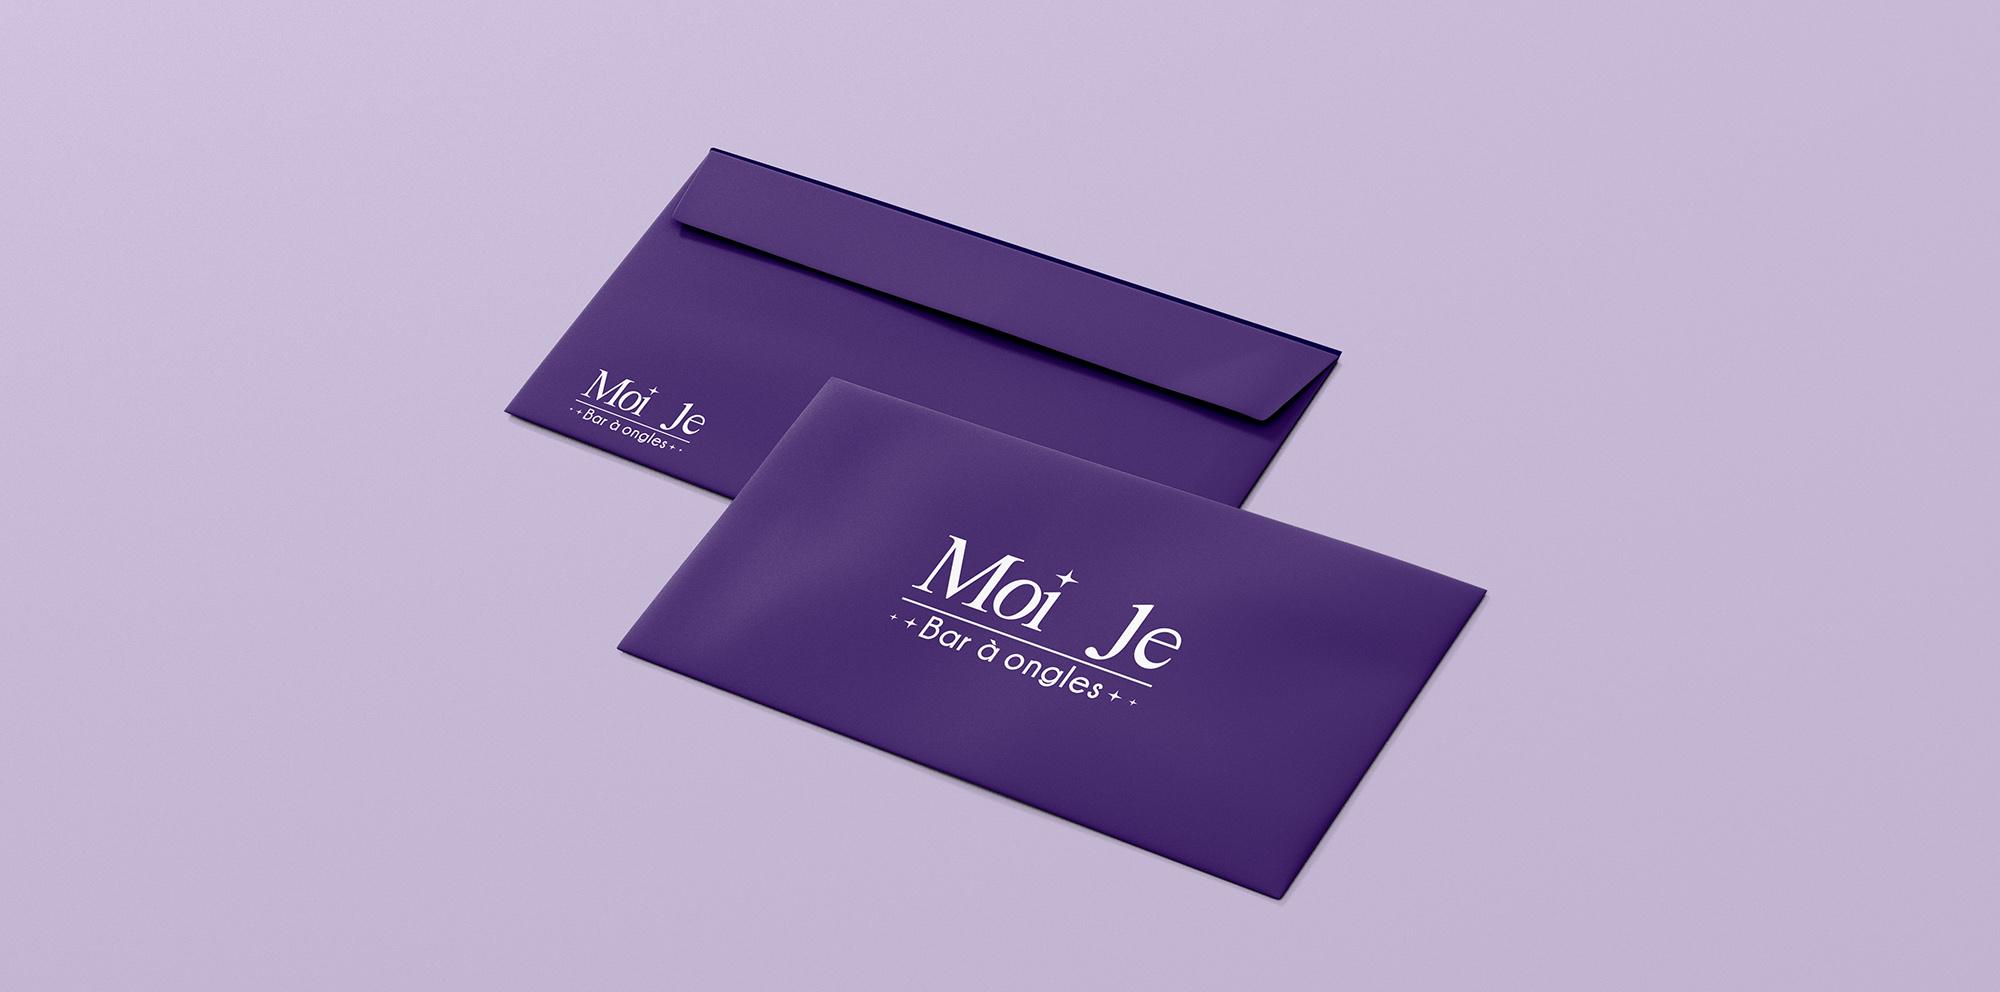 Enveloppe-Mockup-MoiJe